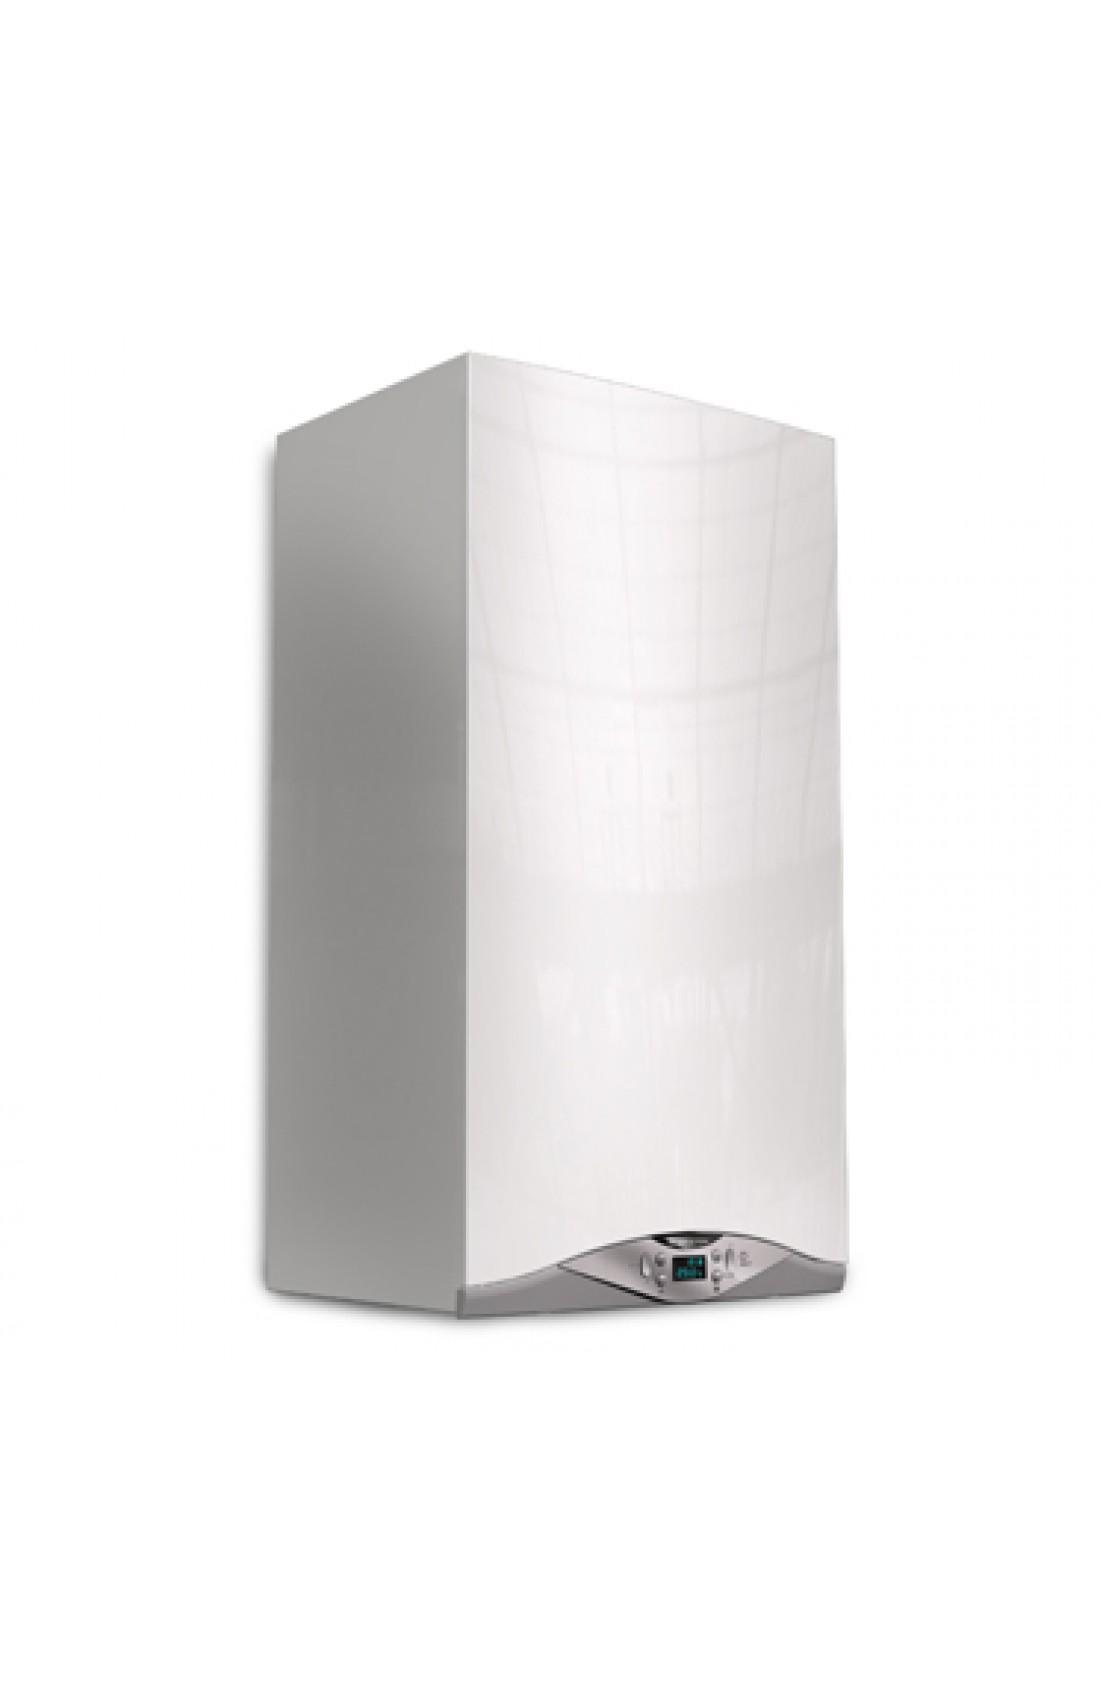 Caldaia ariston cares premium 24 kw a condensazione for Caldaia a condensazione ariston clas premium 24 kw